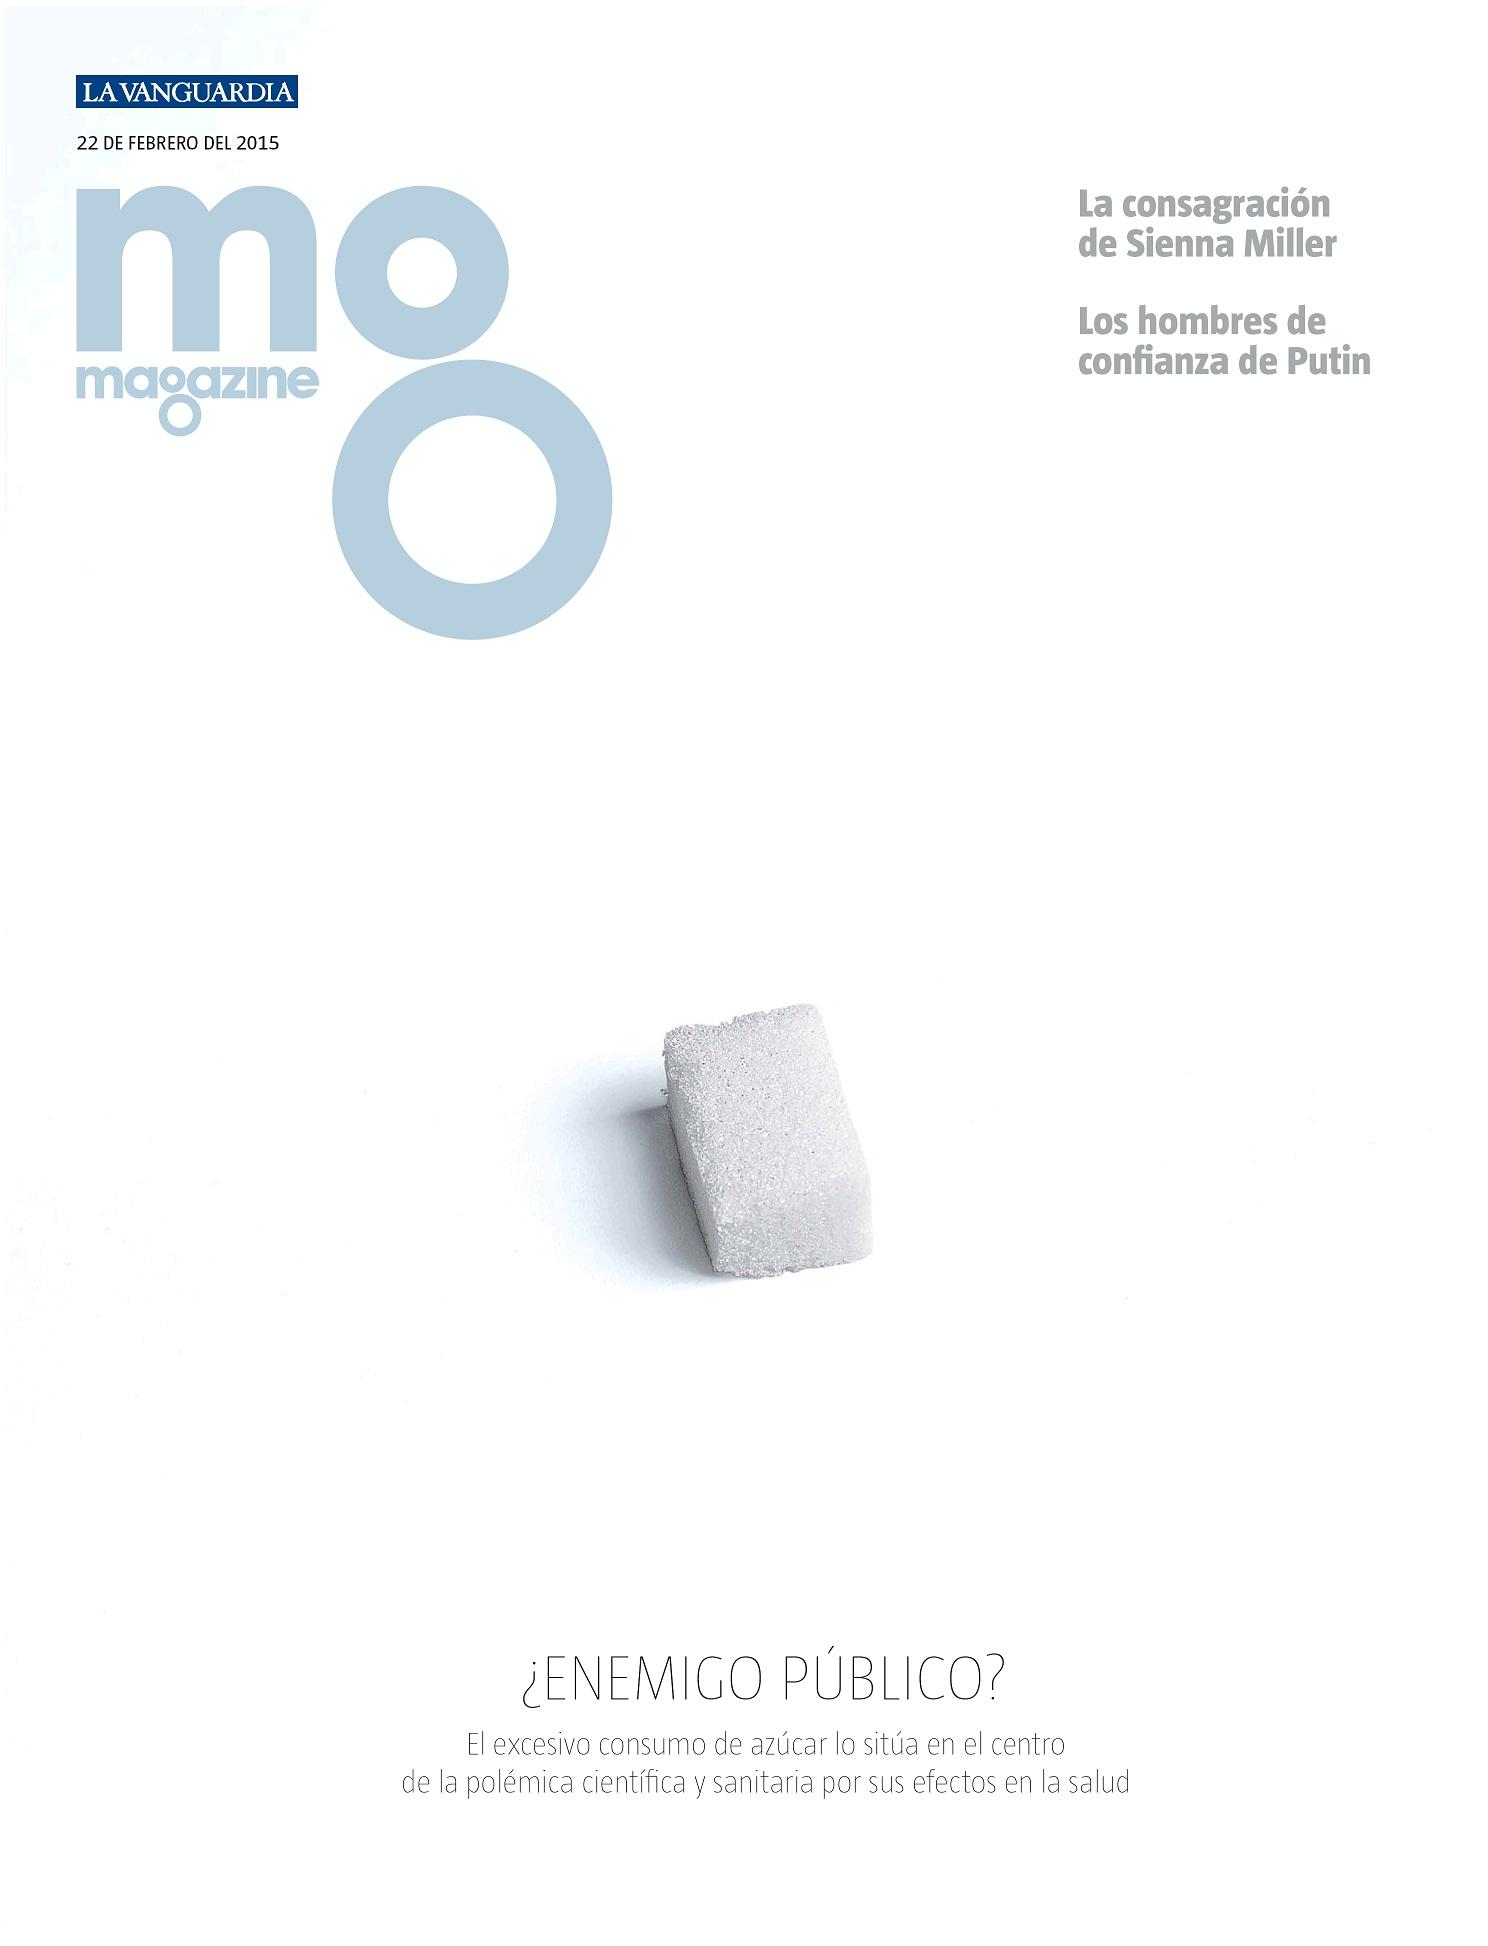 MGAZINE portada 22 de Febrero 2015